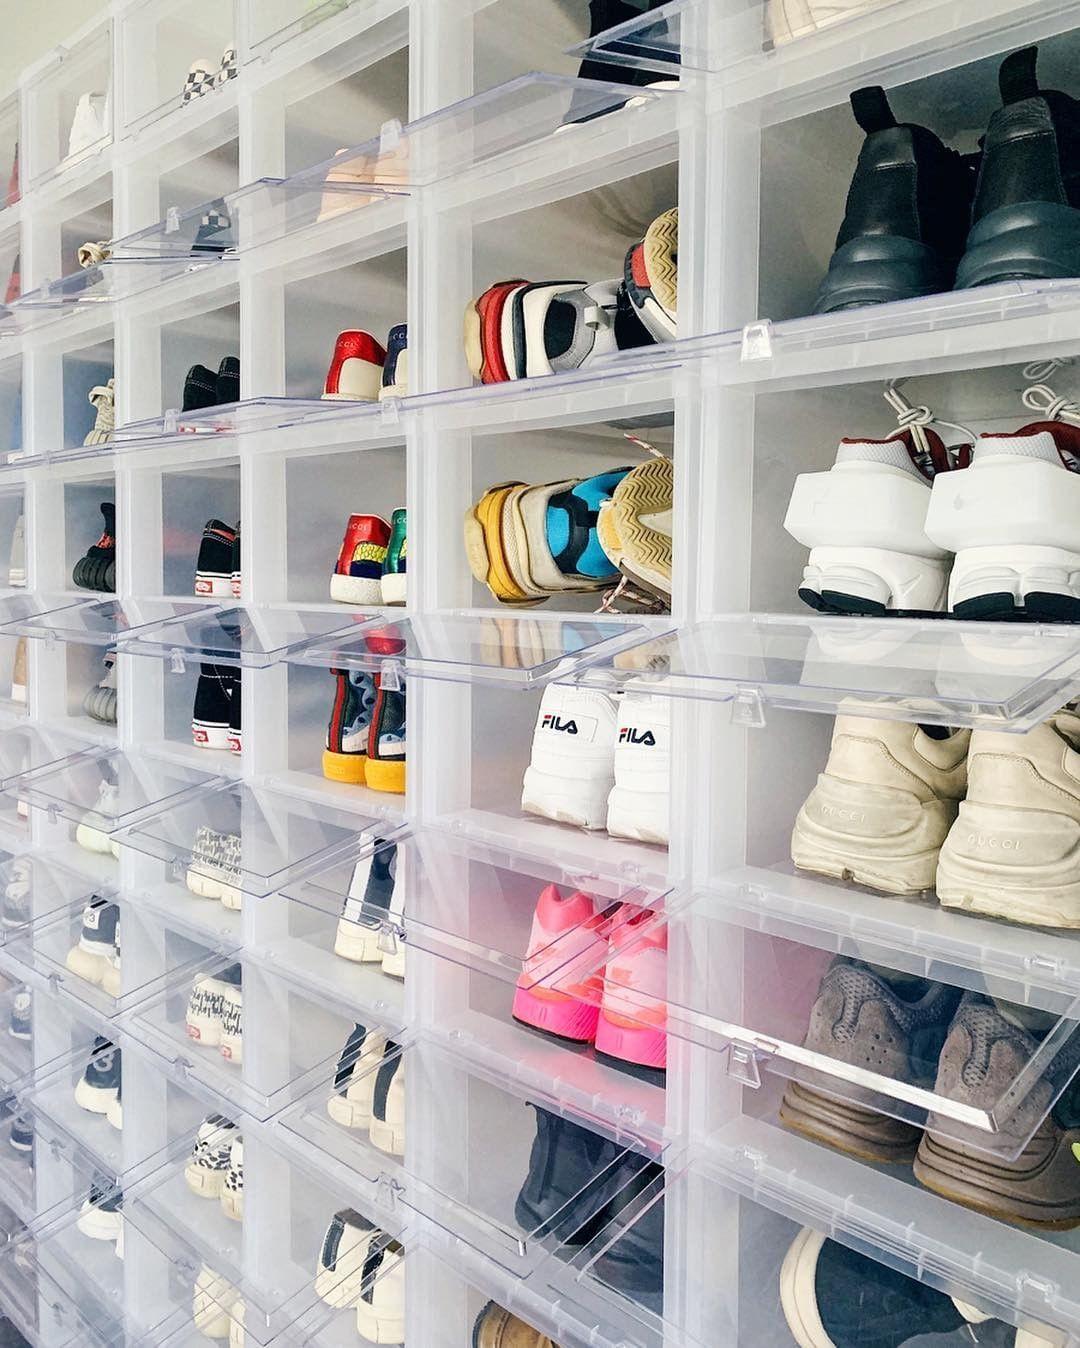 Highsnobiety On Instagram Options Options Options Johnjunglee Garage Storage Bins Storage Boxes Sneakerhead Room